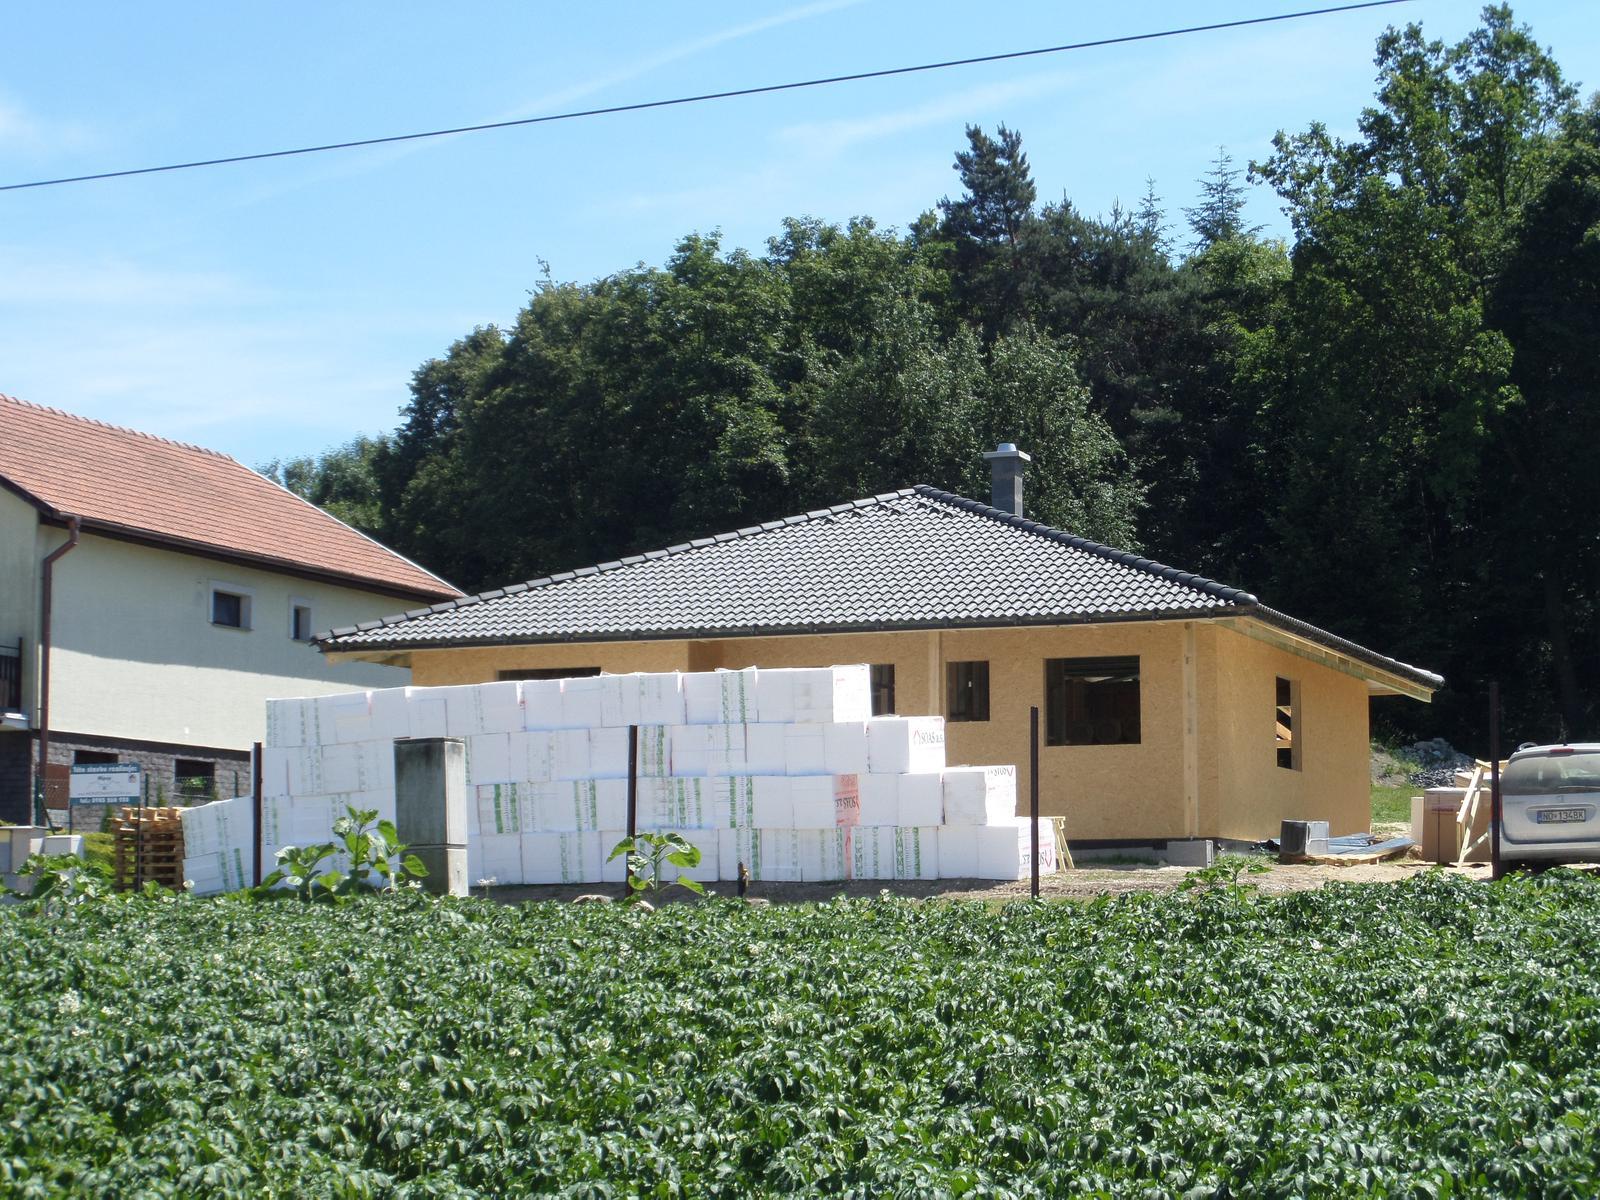 Bungalov Martina - 9.6.2014 - začína etapa holodom